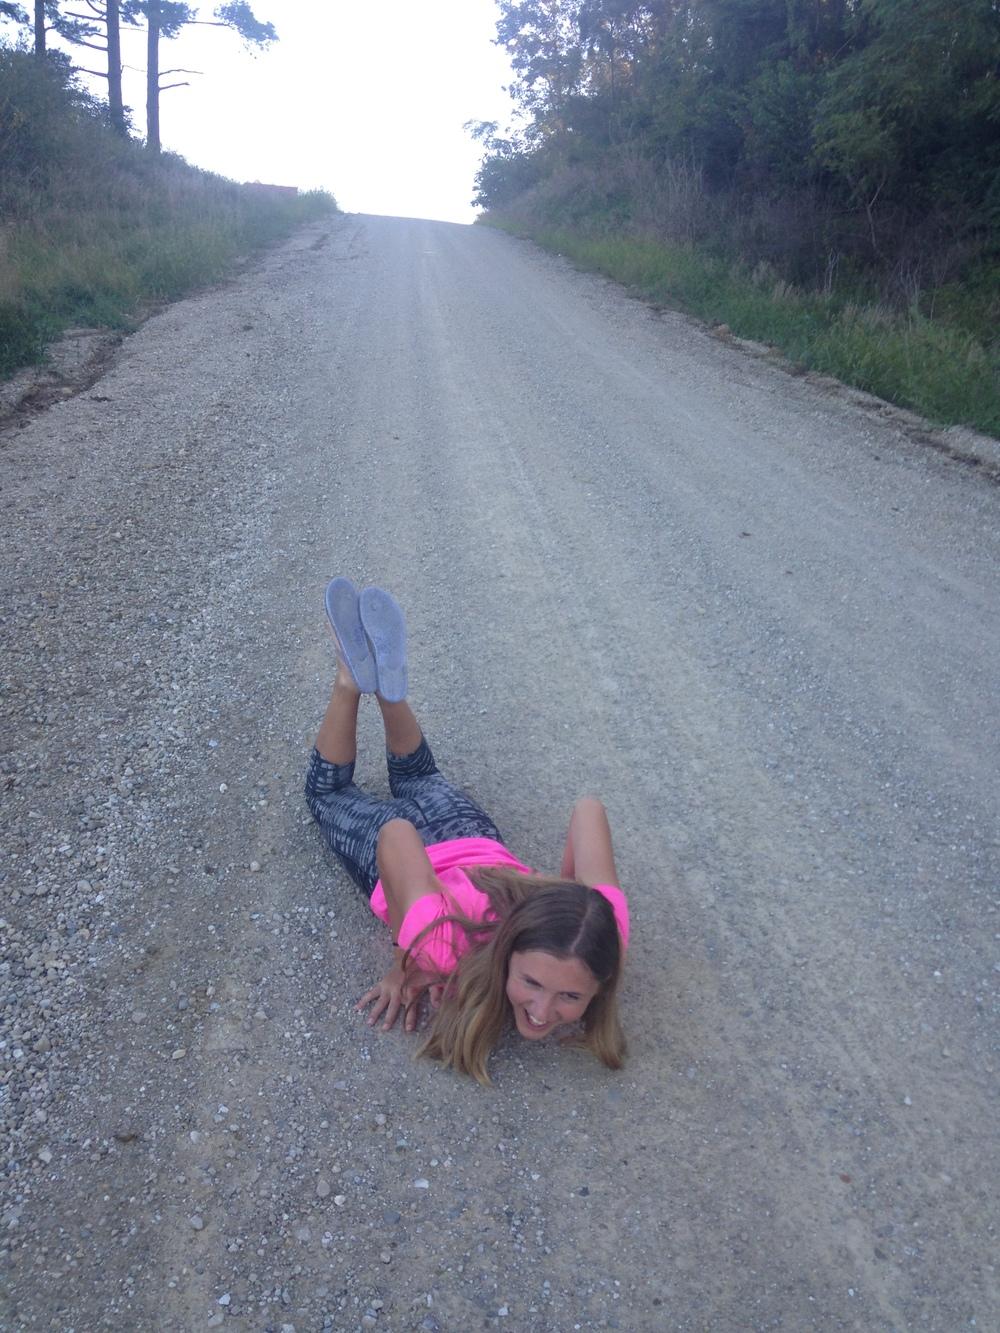 Ashlee-Stuck-in-Road.jpg